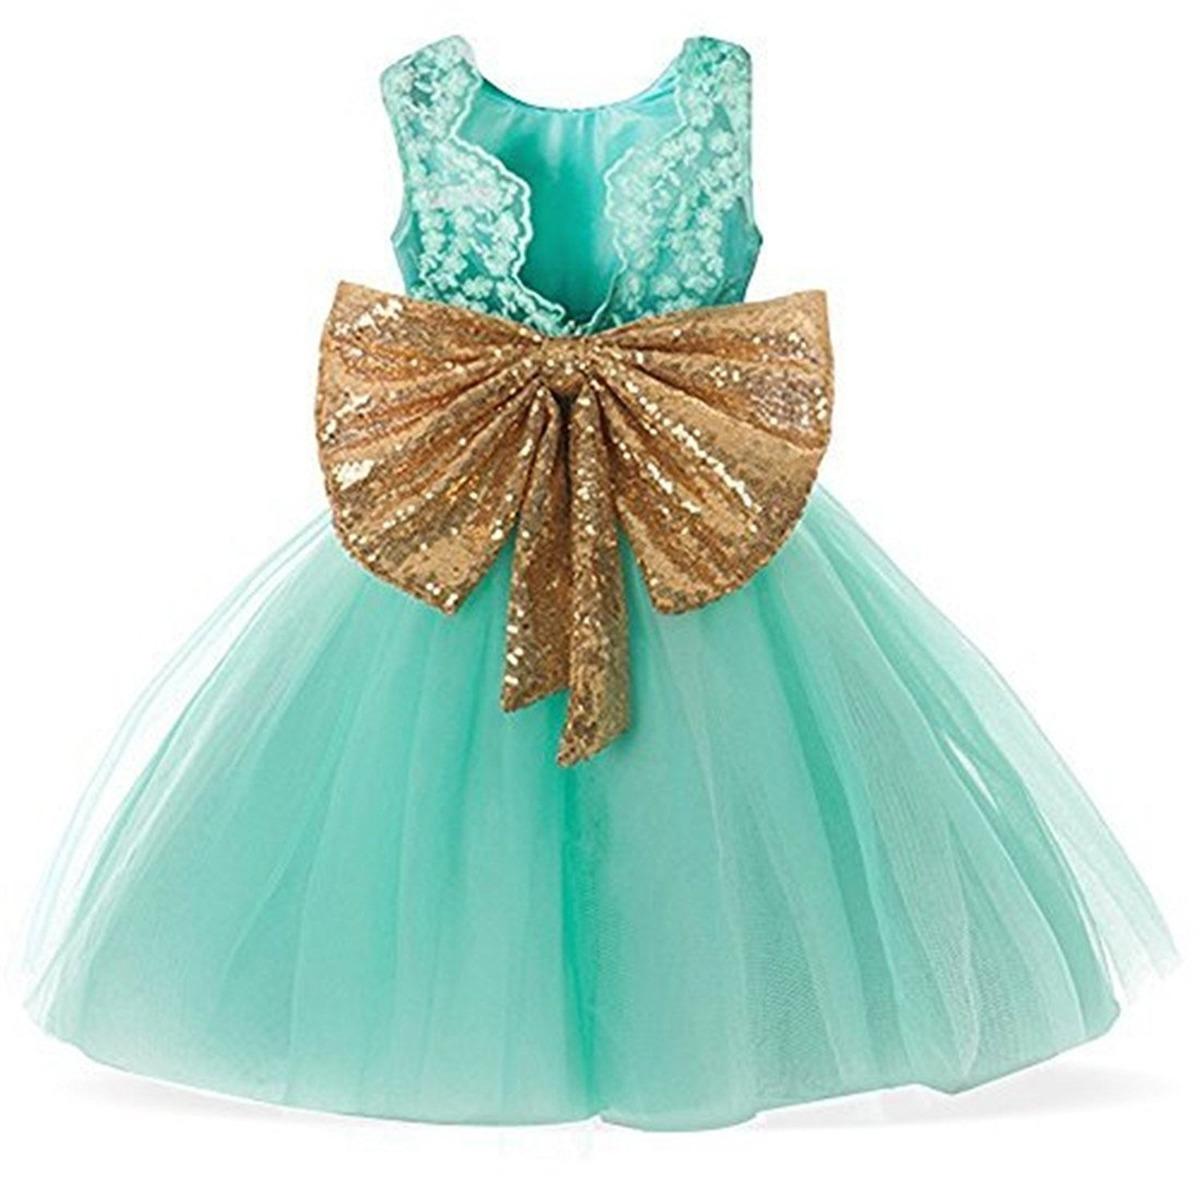 9611afae6 Vestidos color verde menta para ninas – Vestido azul